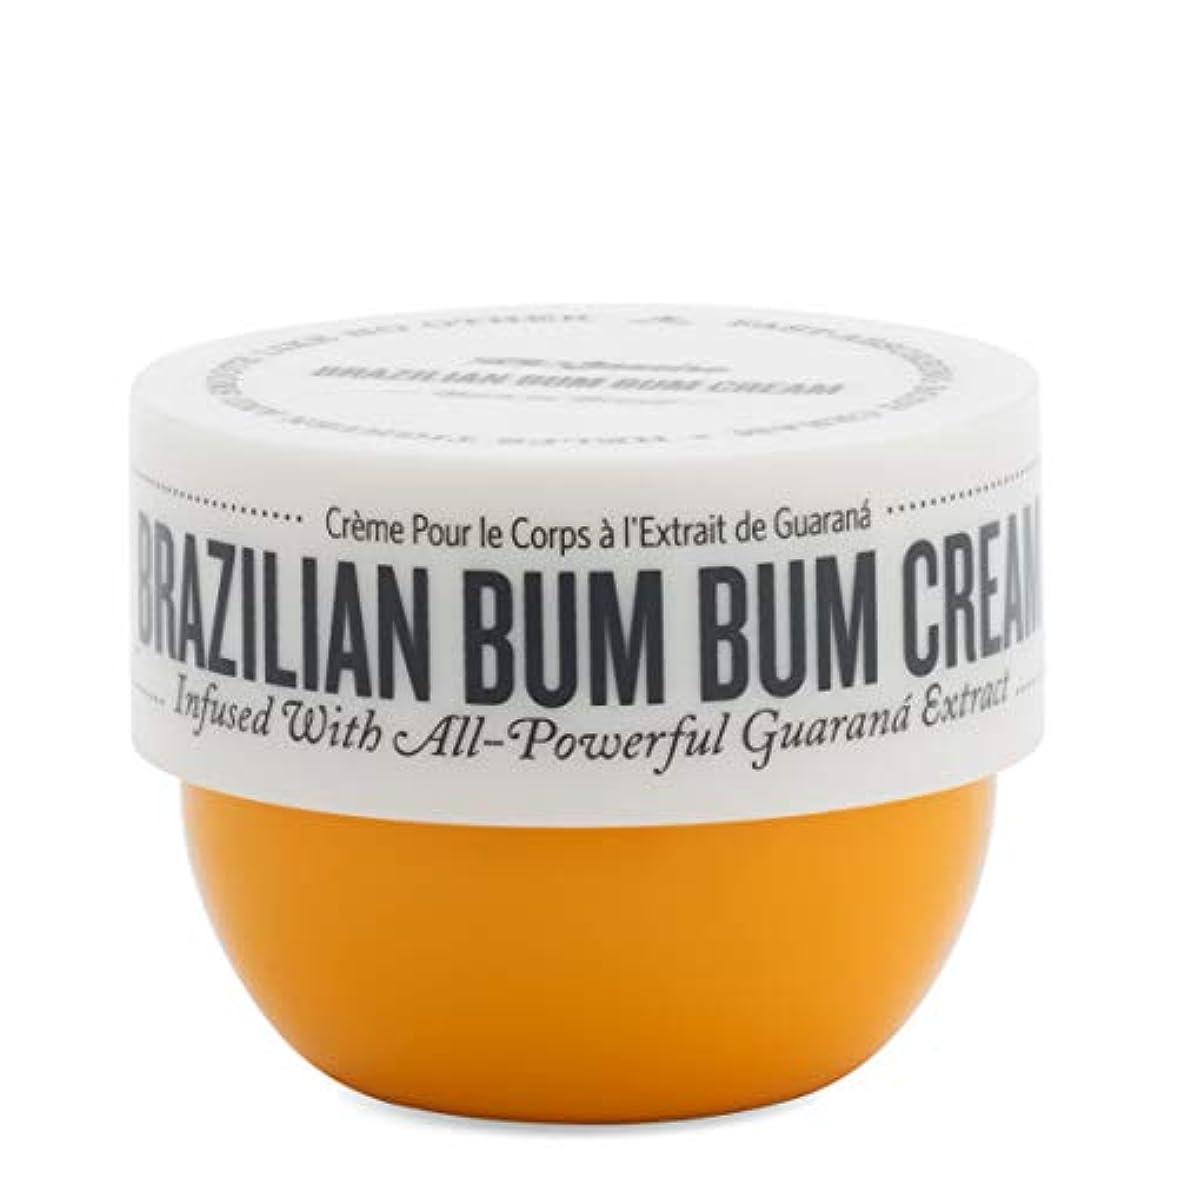 積極的にライセンス残高《 ブラジリアン ブンブンクリーム 》Brazilian BUM BUM Cream (74ml)